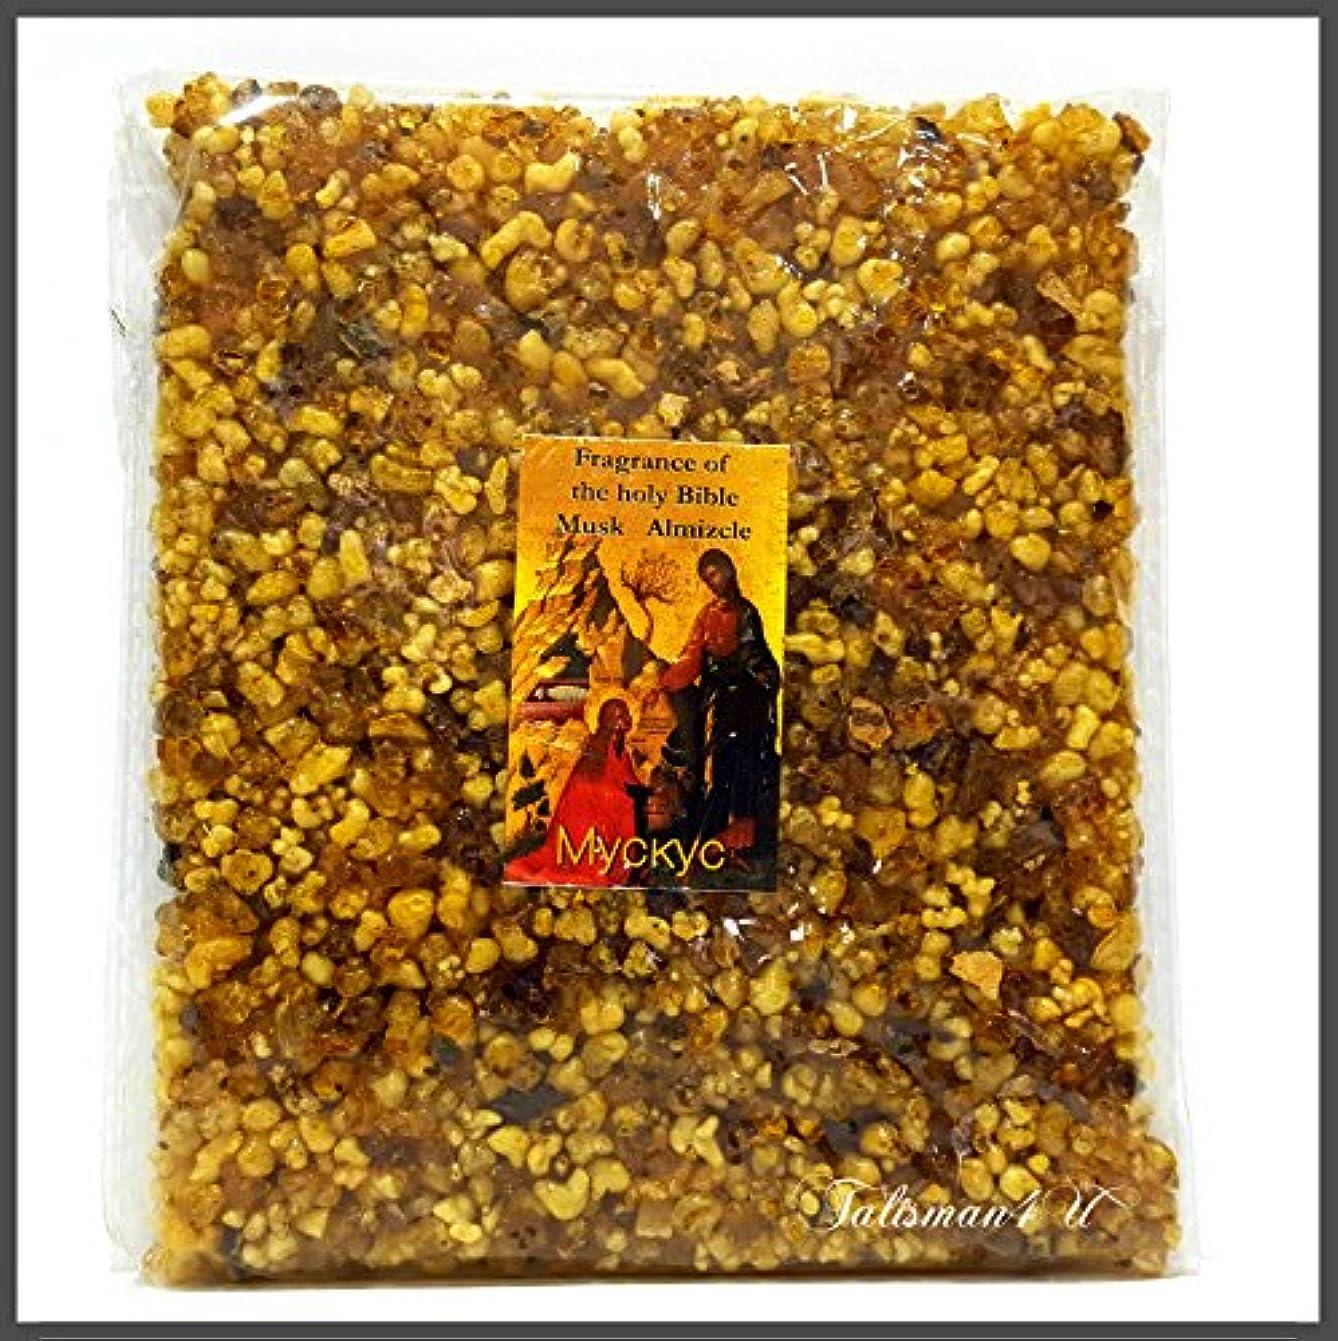 刻むプレゼン埋めるムスクエルサレムIncense樹脂Aromatic Almizcle Frankincense of the Holy Land 3.5 Oz / 100 g